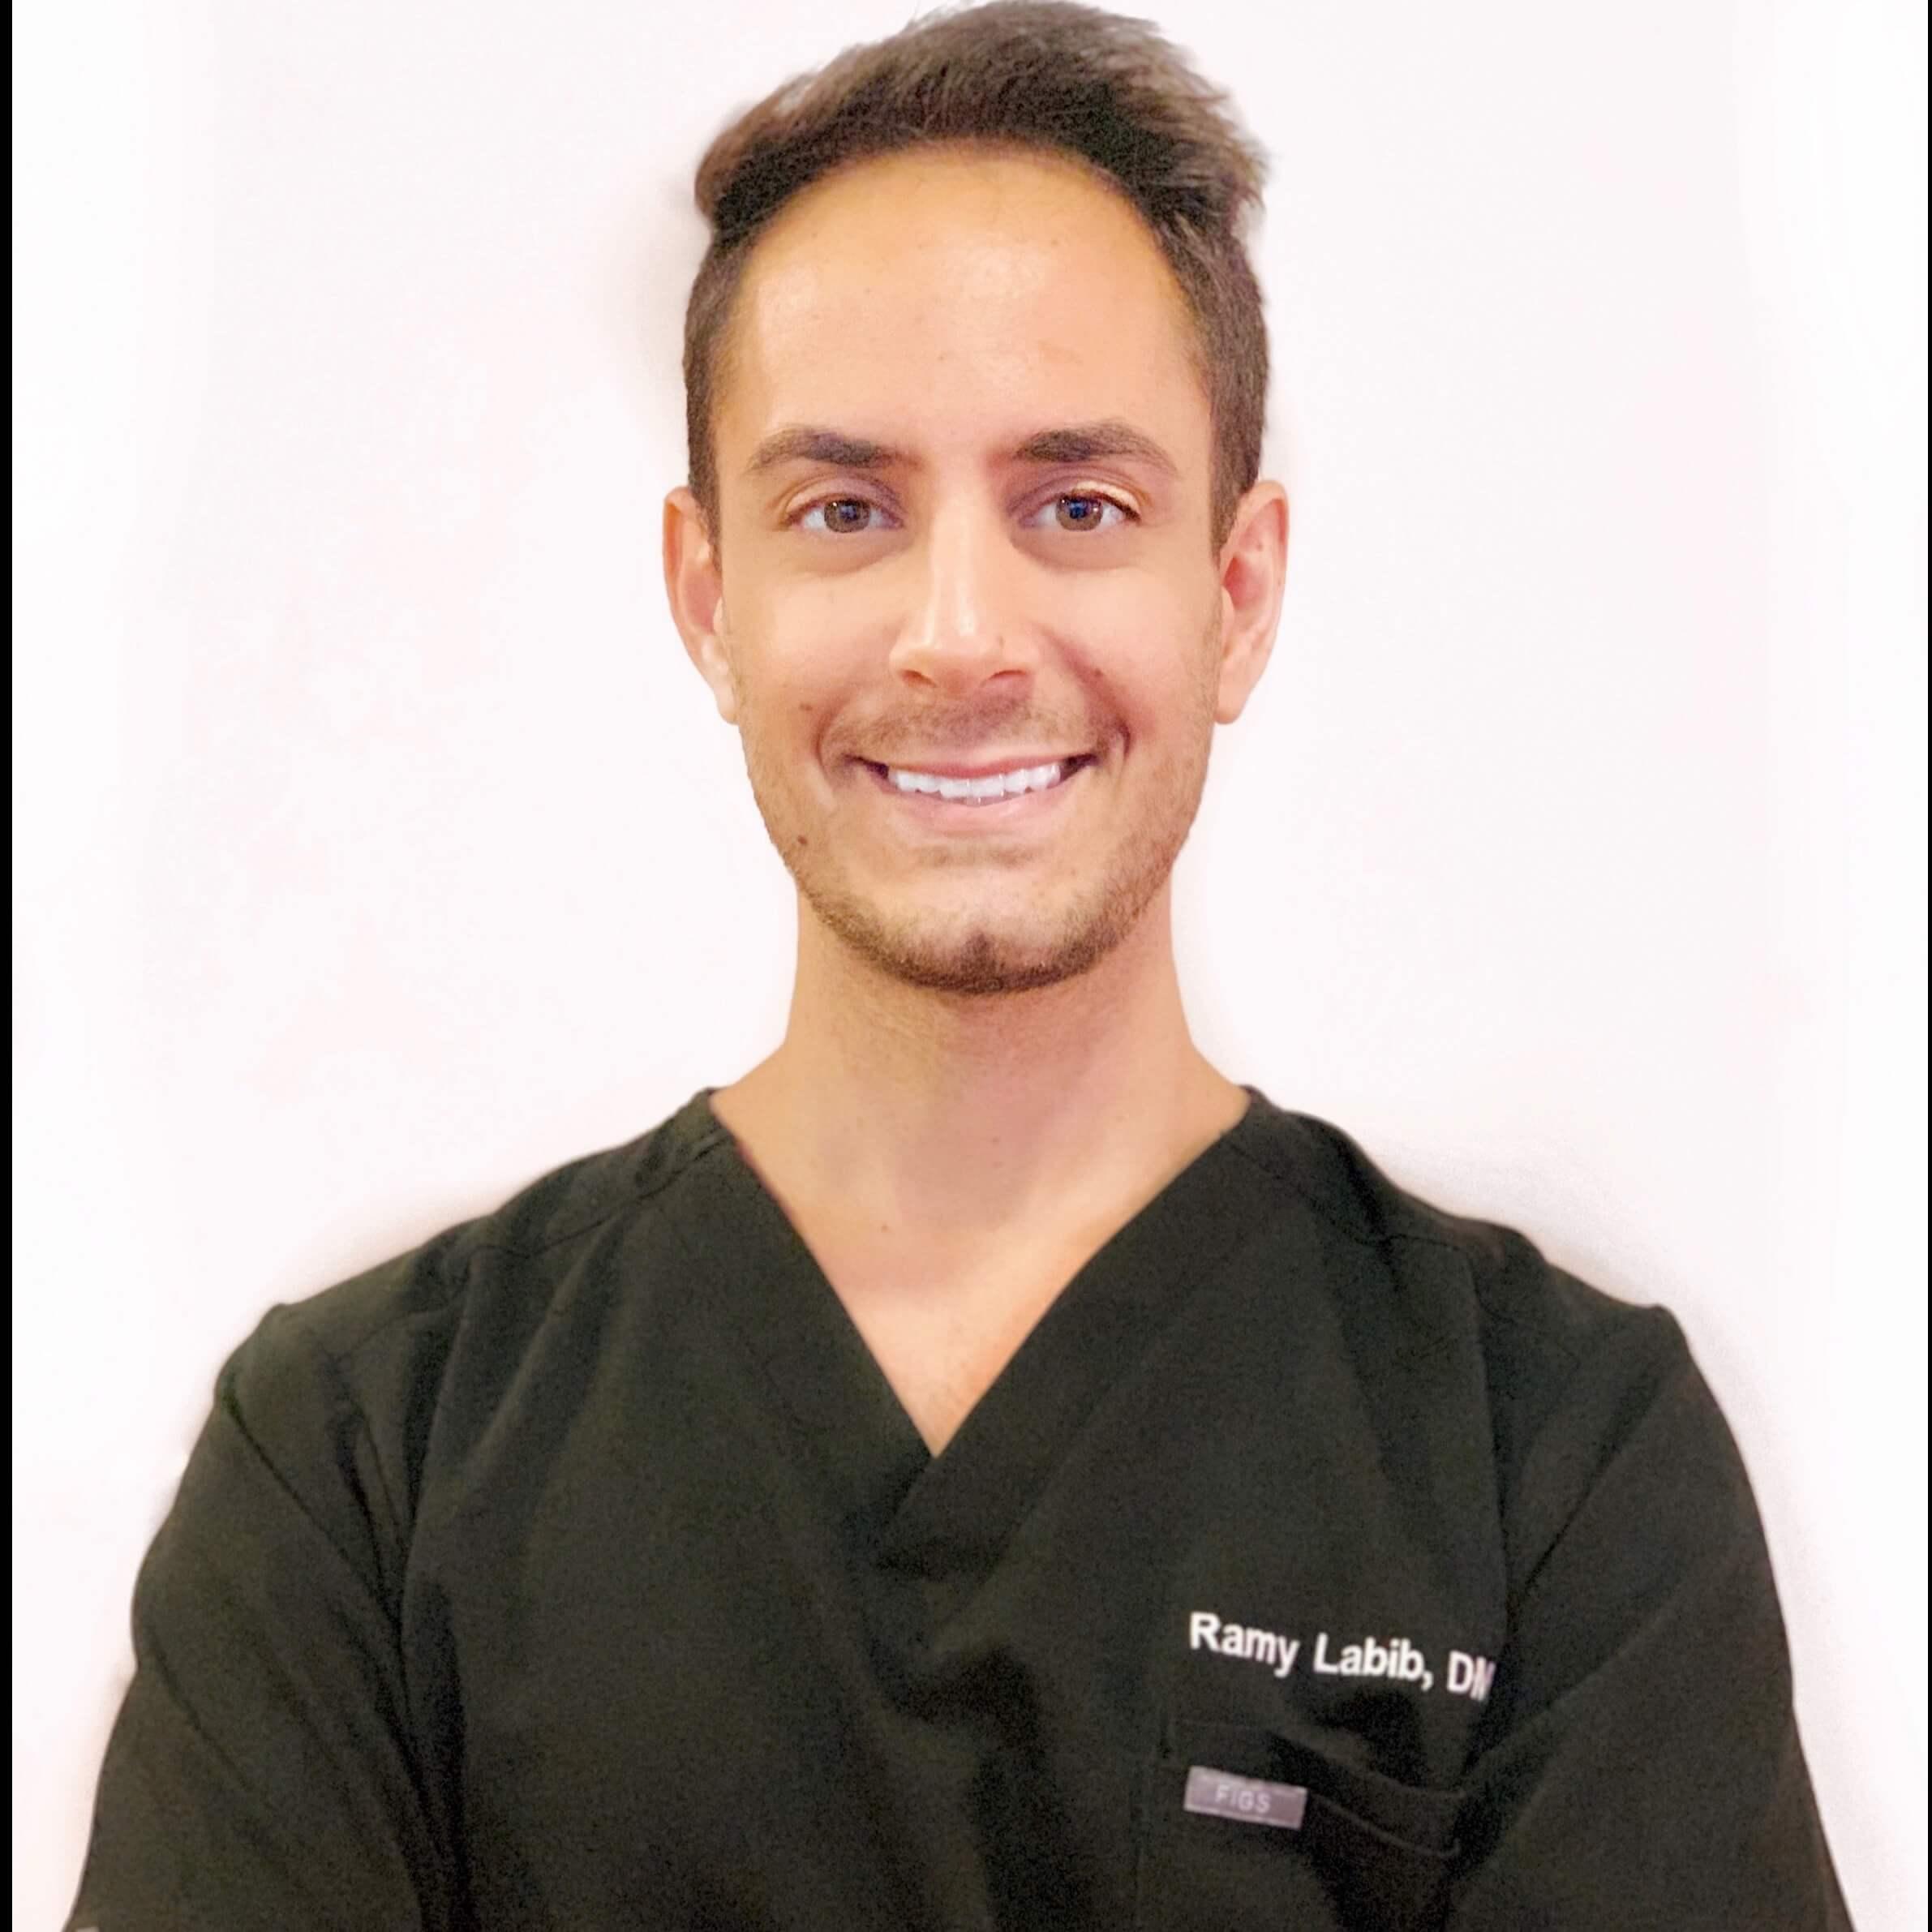 Dr. Ramy Labib, DMD